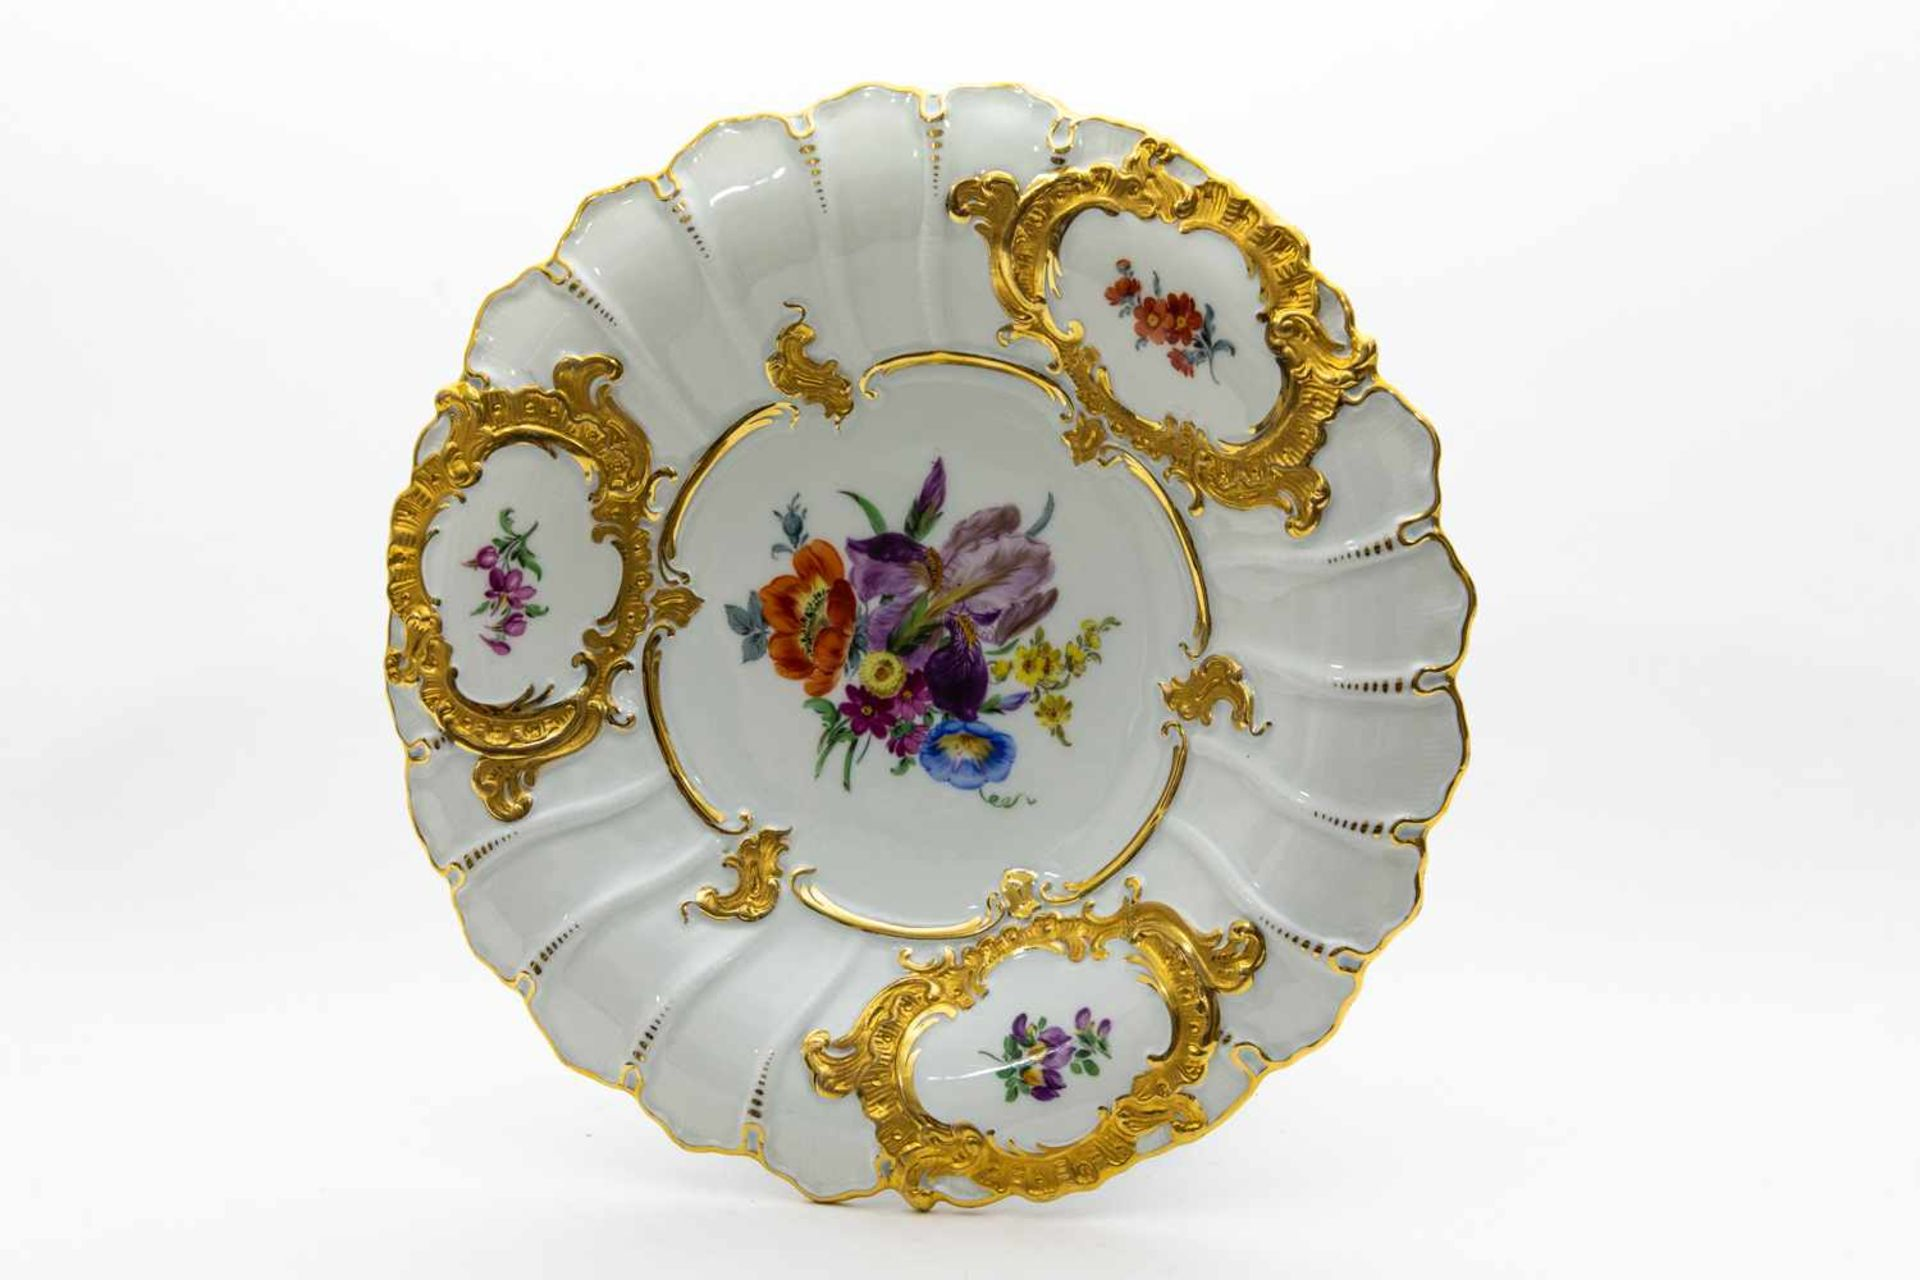 Großer Ziertellerblaue Schwertermarke Meissen, Blumen- und Golddekor, Dm 29,5 cm, I. Wahl,Unterseite